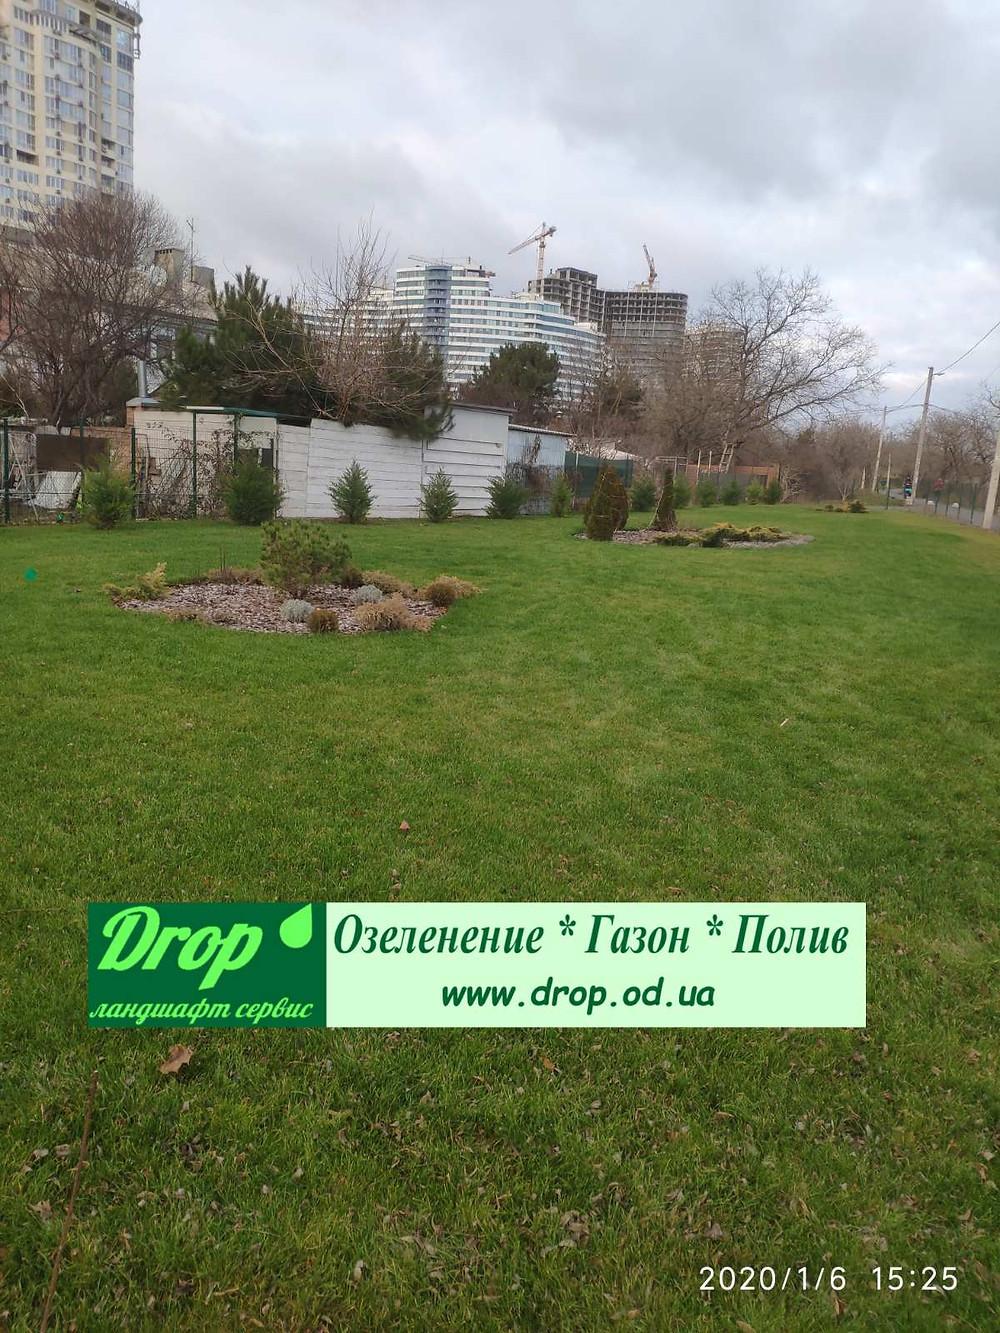 Вид Ландшафтного дизайна и озеленения в Одессе зимой